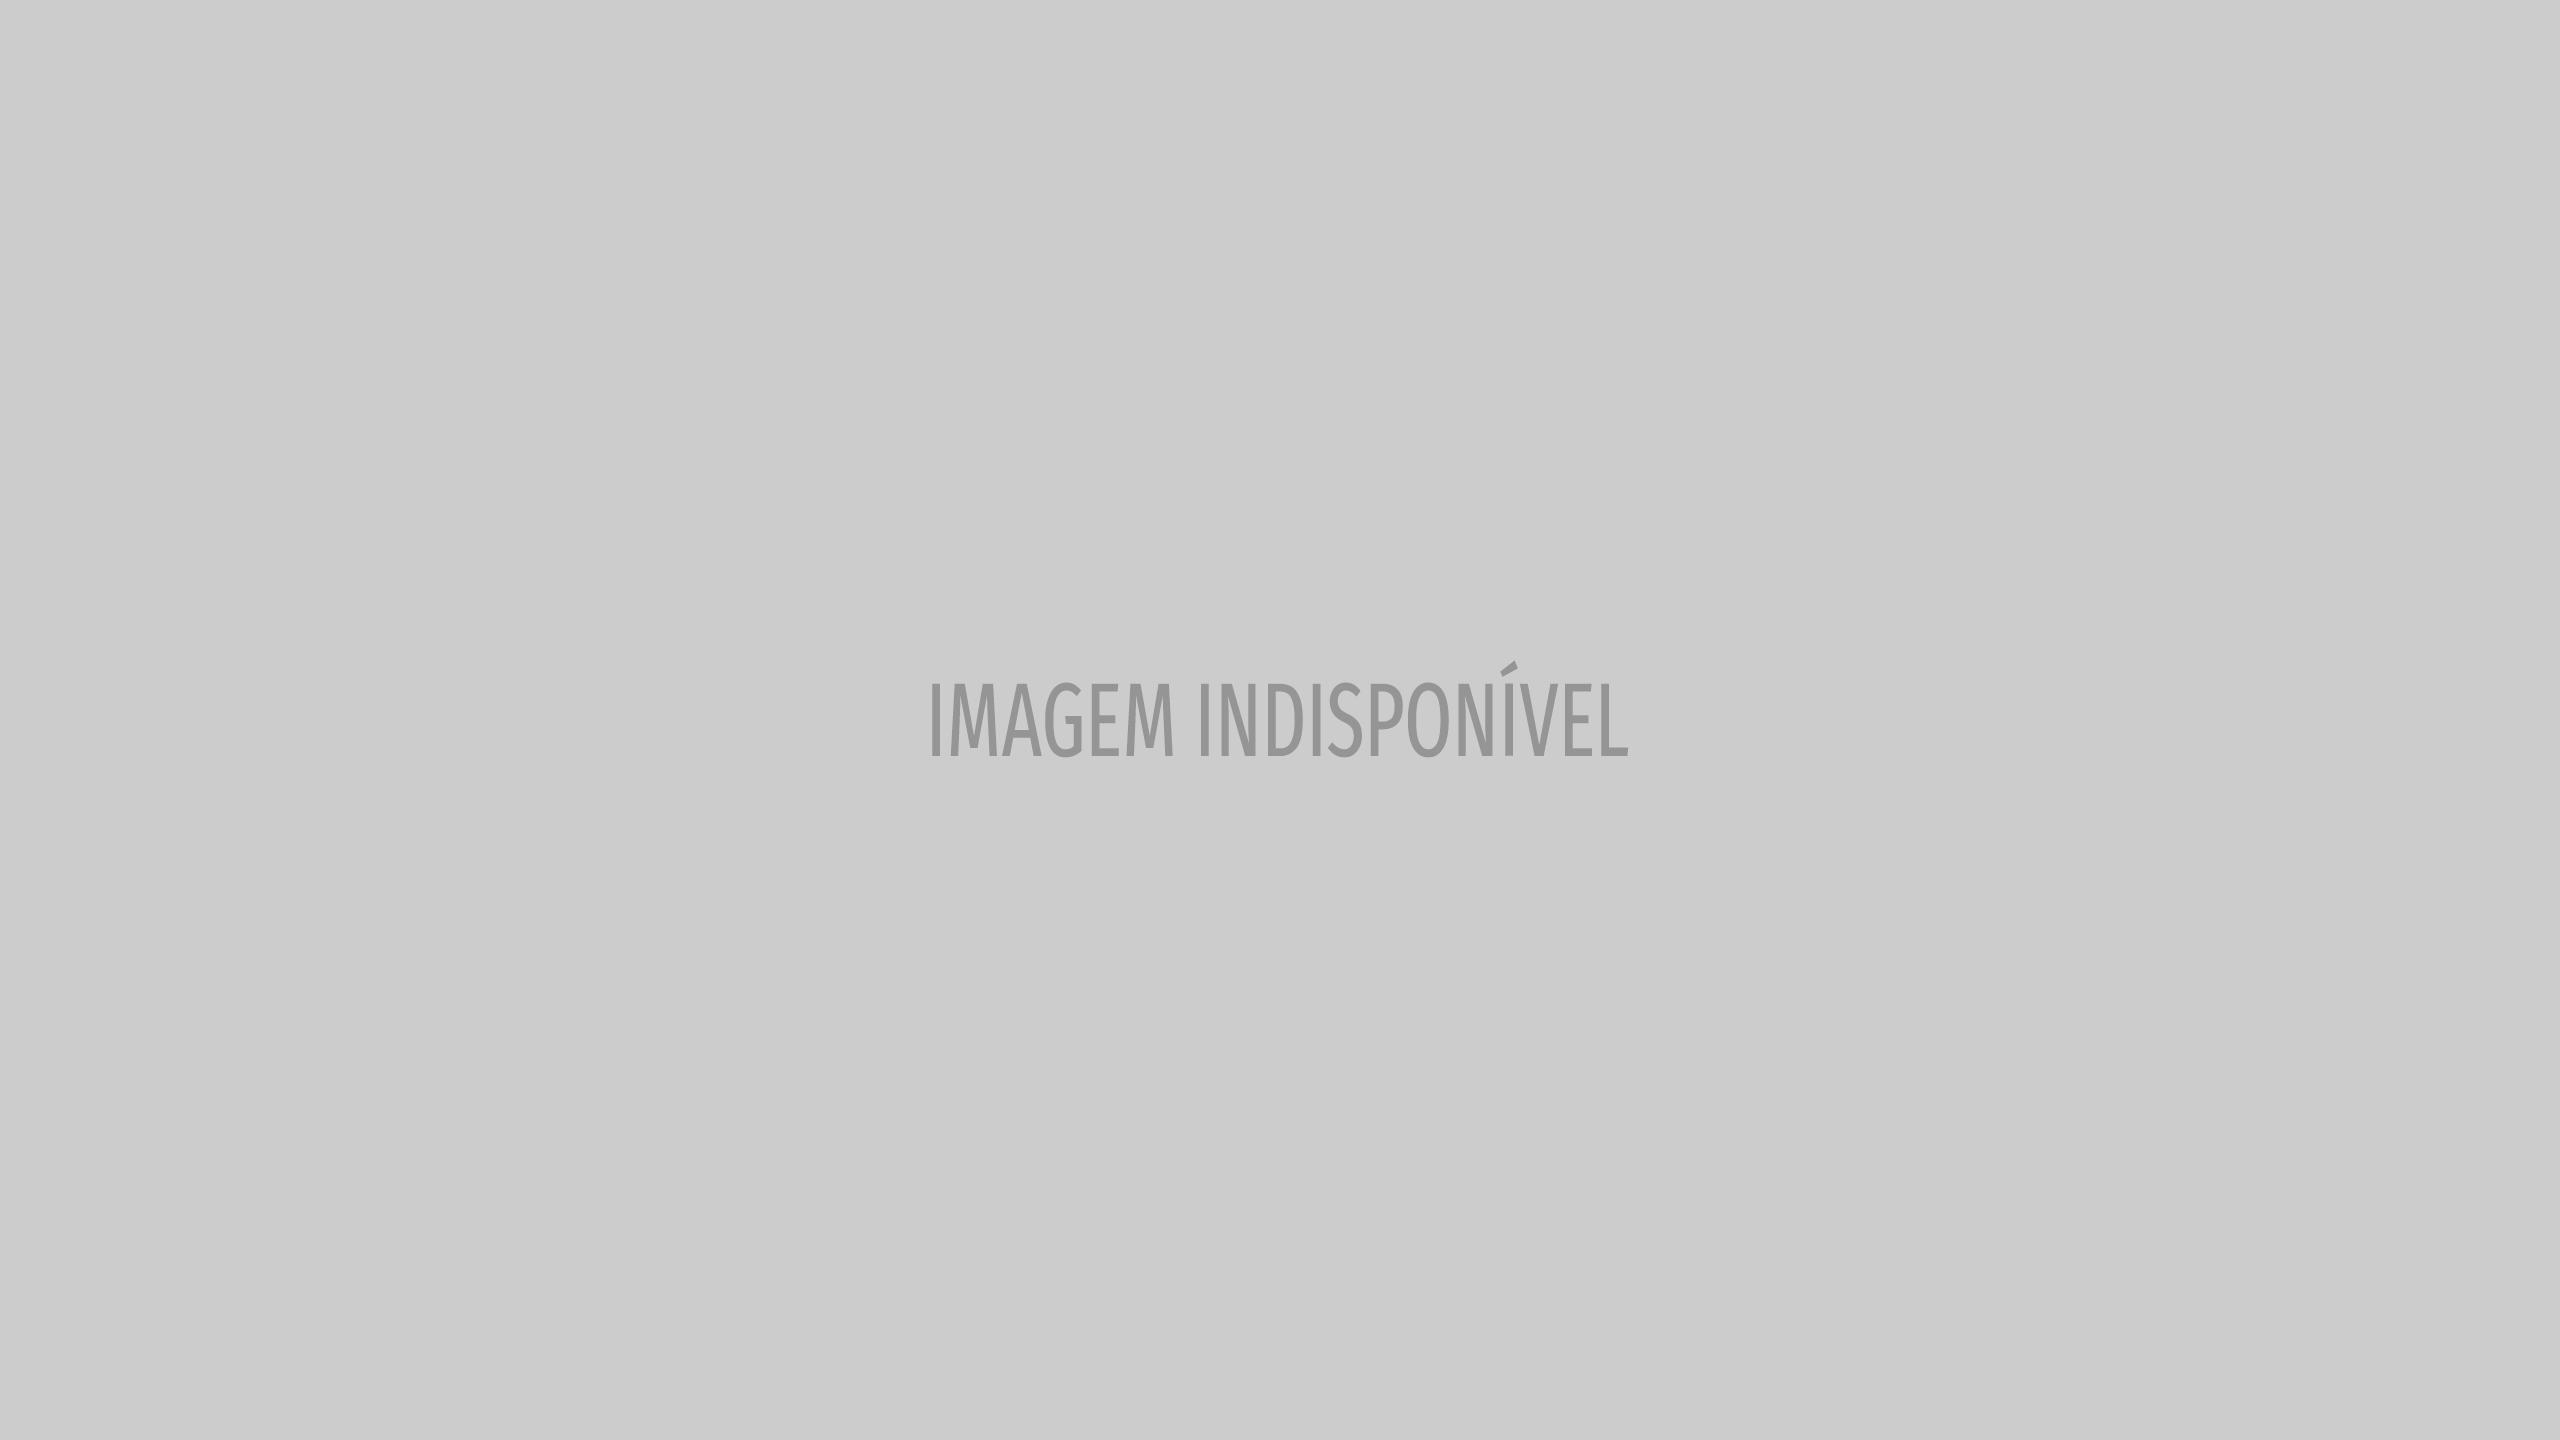 Marco Costa e Vanessa Martins podem ter confirmado a reconciliação